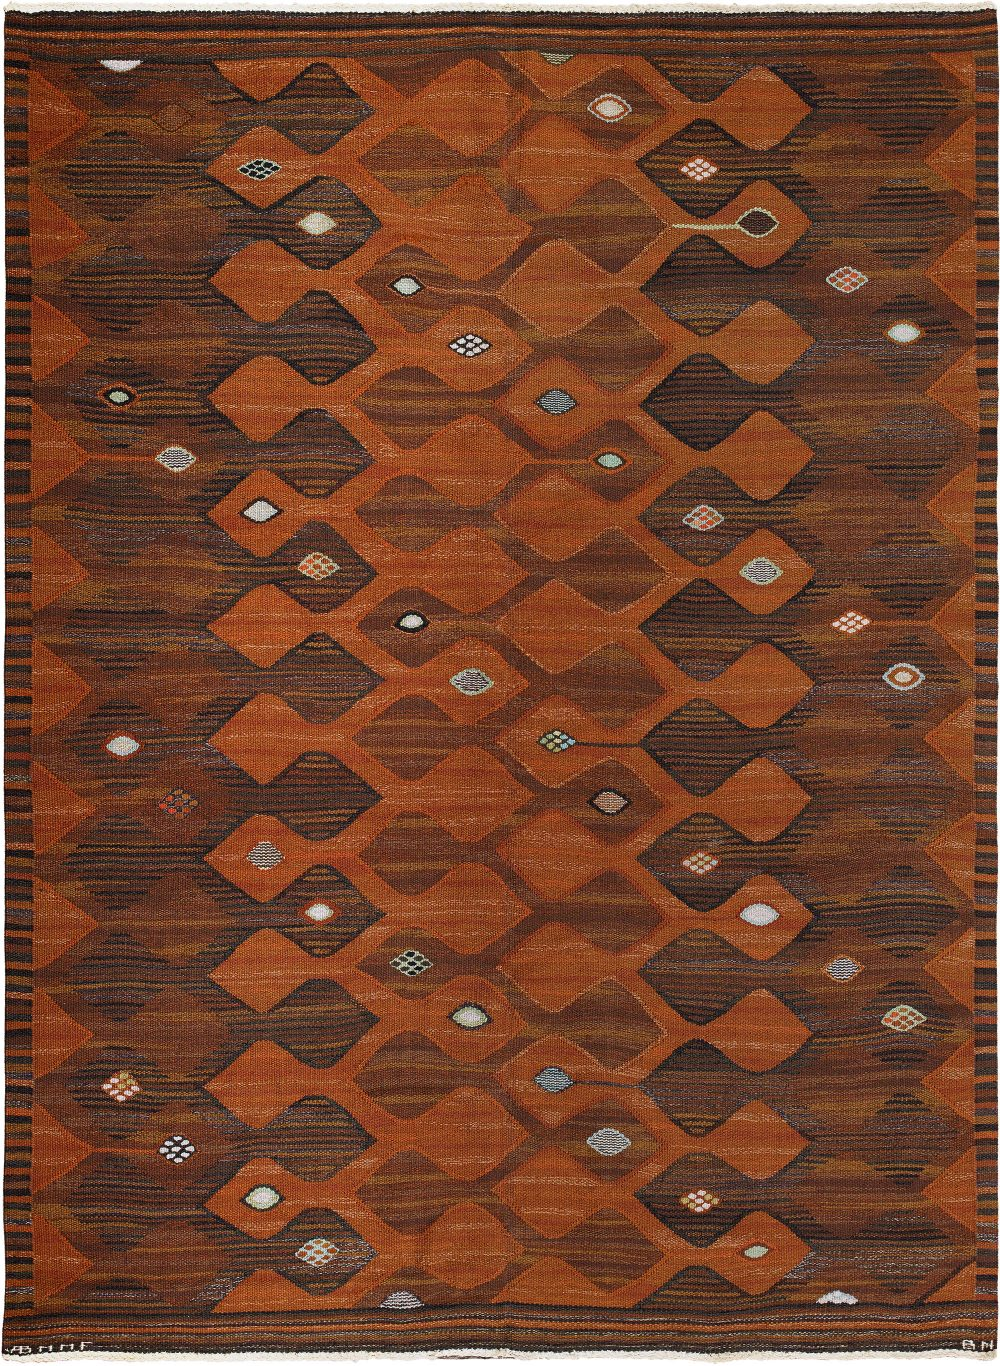 """Vintage Swedish Tapestry woven by Märta Måås-Fjetterström """"Finspong Tapestry"""" BB6003"""